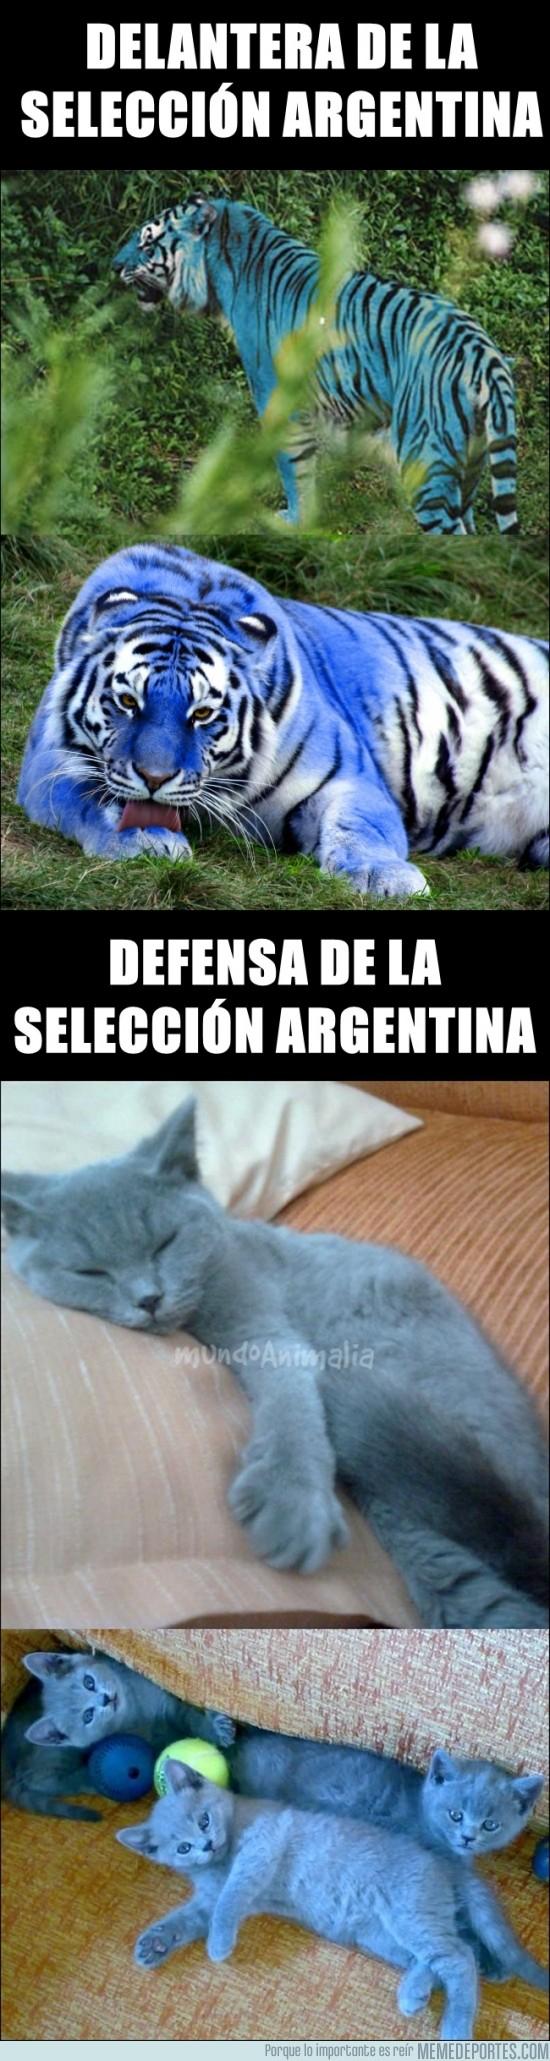 166052 - Así es la selección Argentina